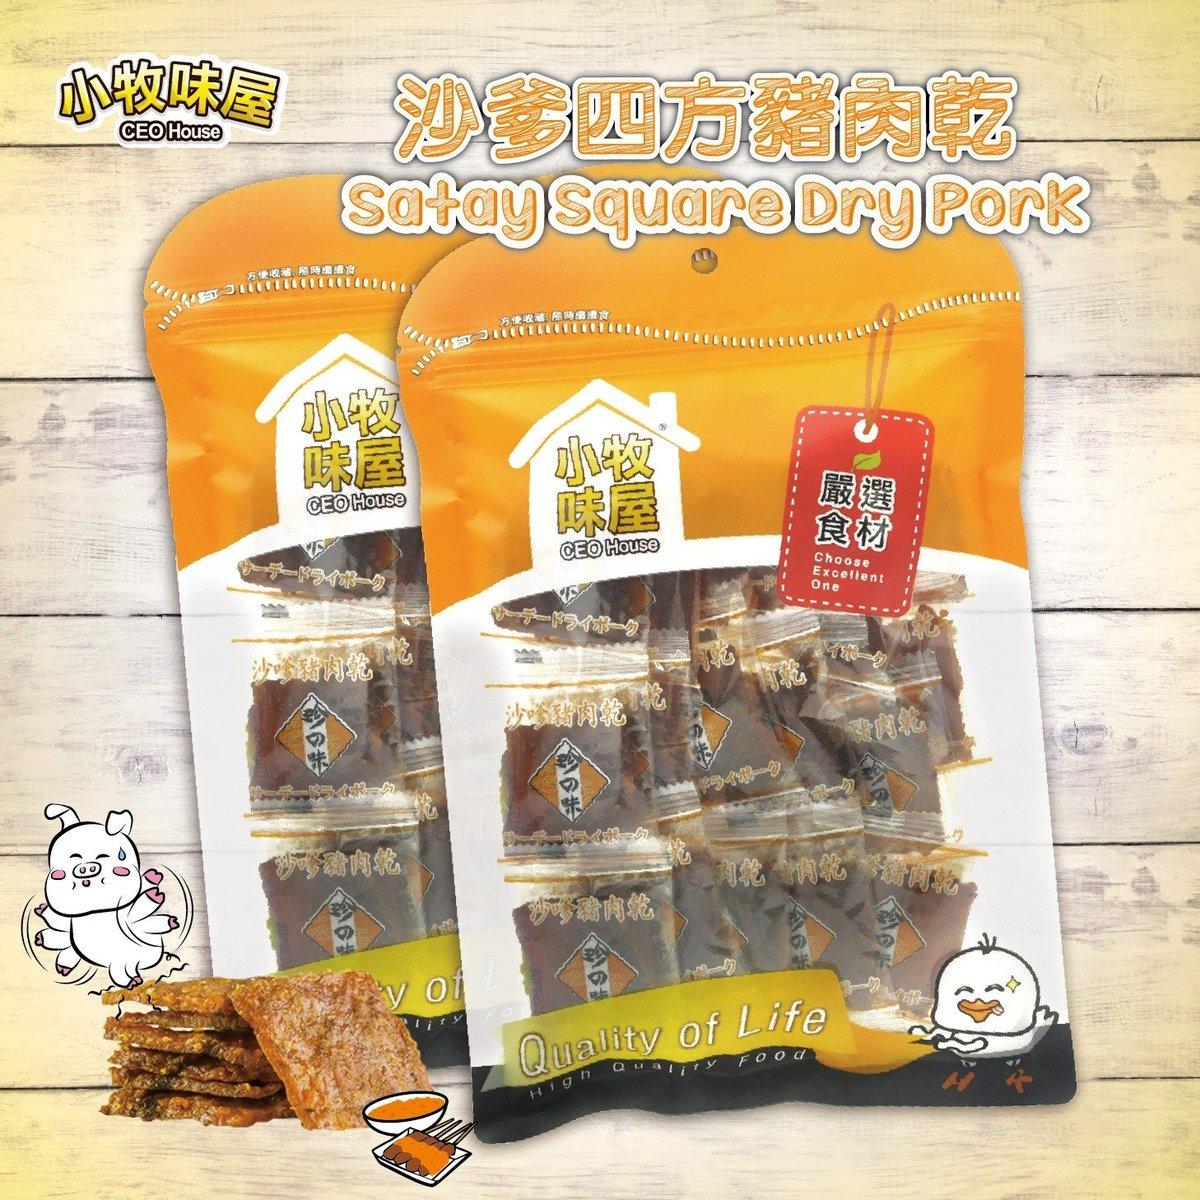 Satay Square Dry Pork x 2 packs